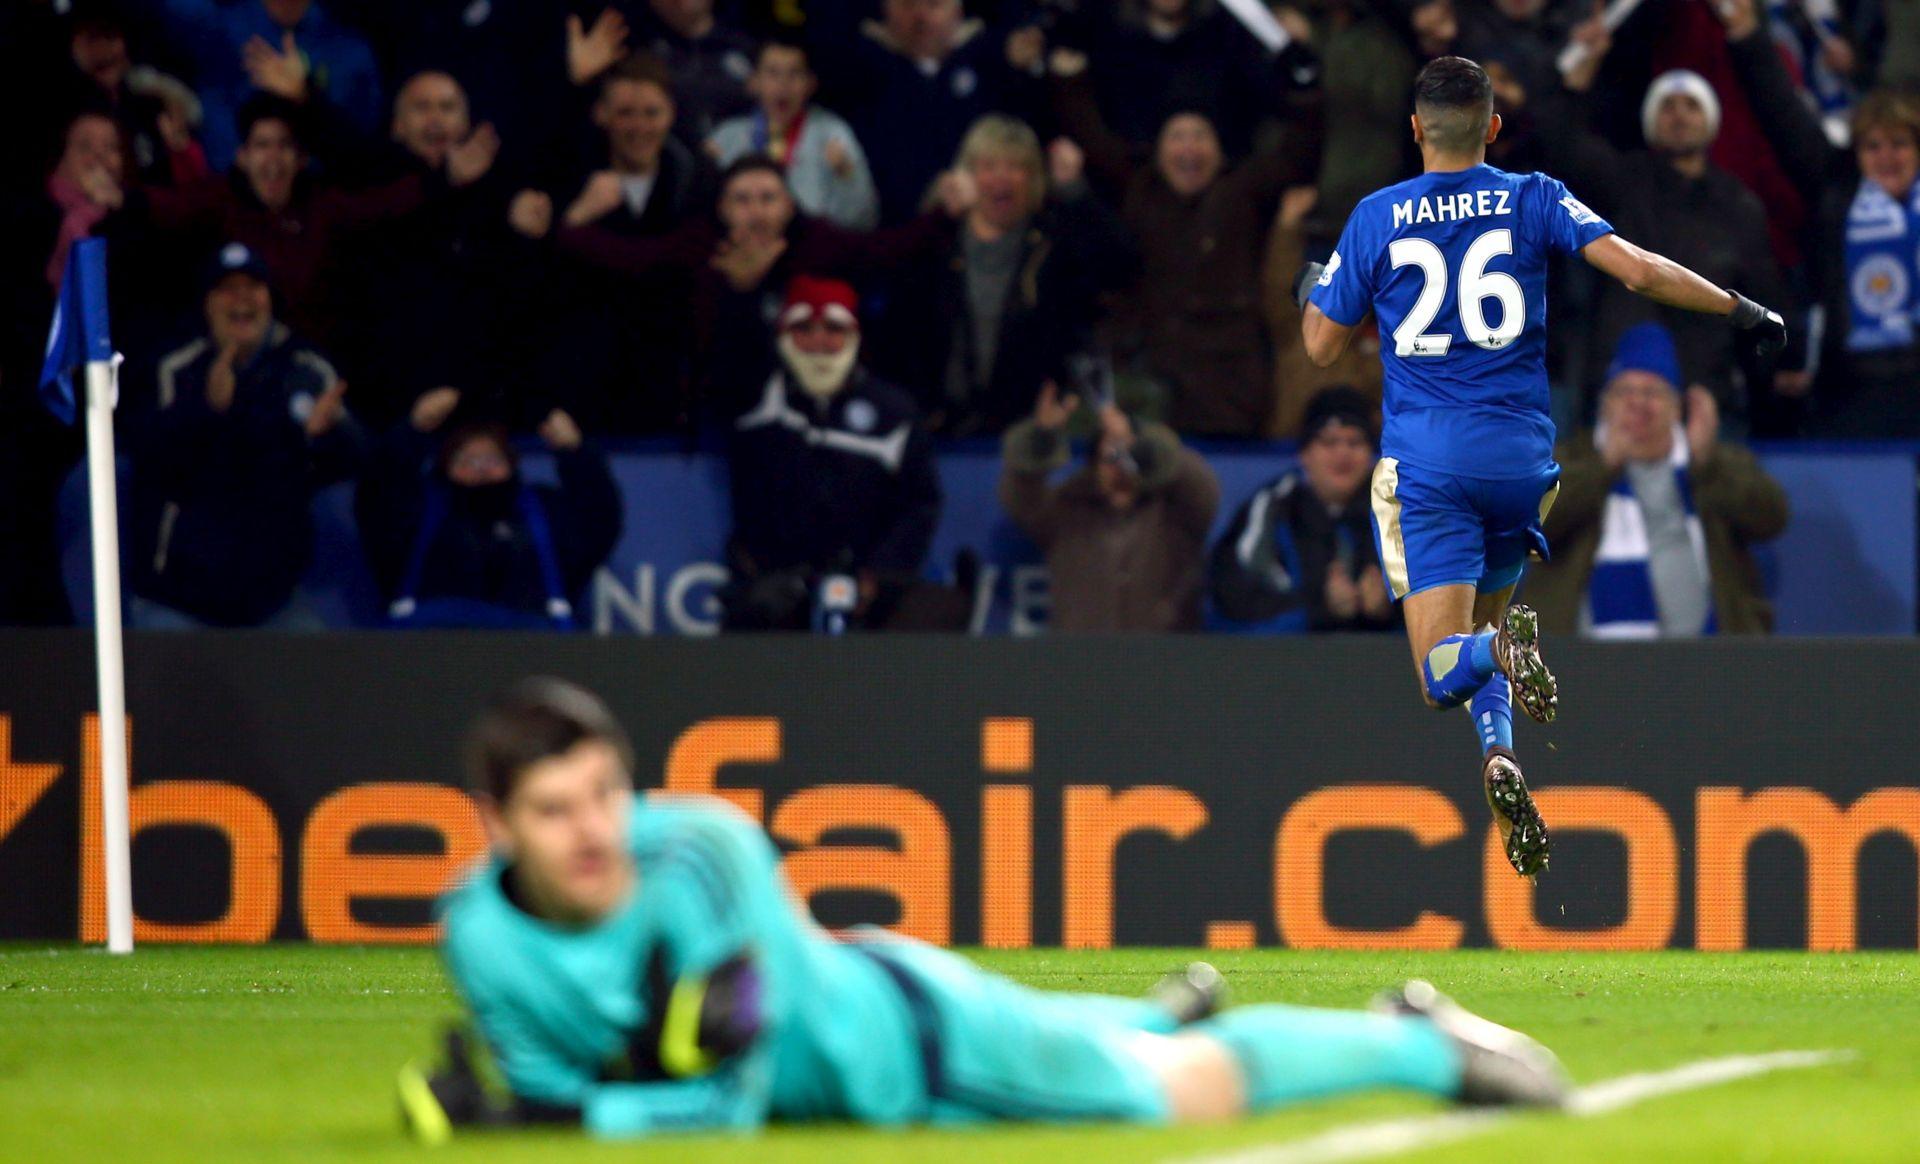 VIDEO: LEICESTER PONOVNO NA VRHU PREMIERSHIPA Novi poraz Mourinhovg Chelsea